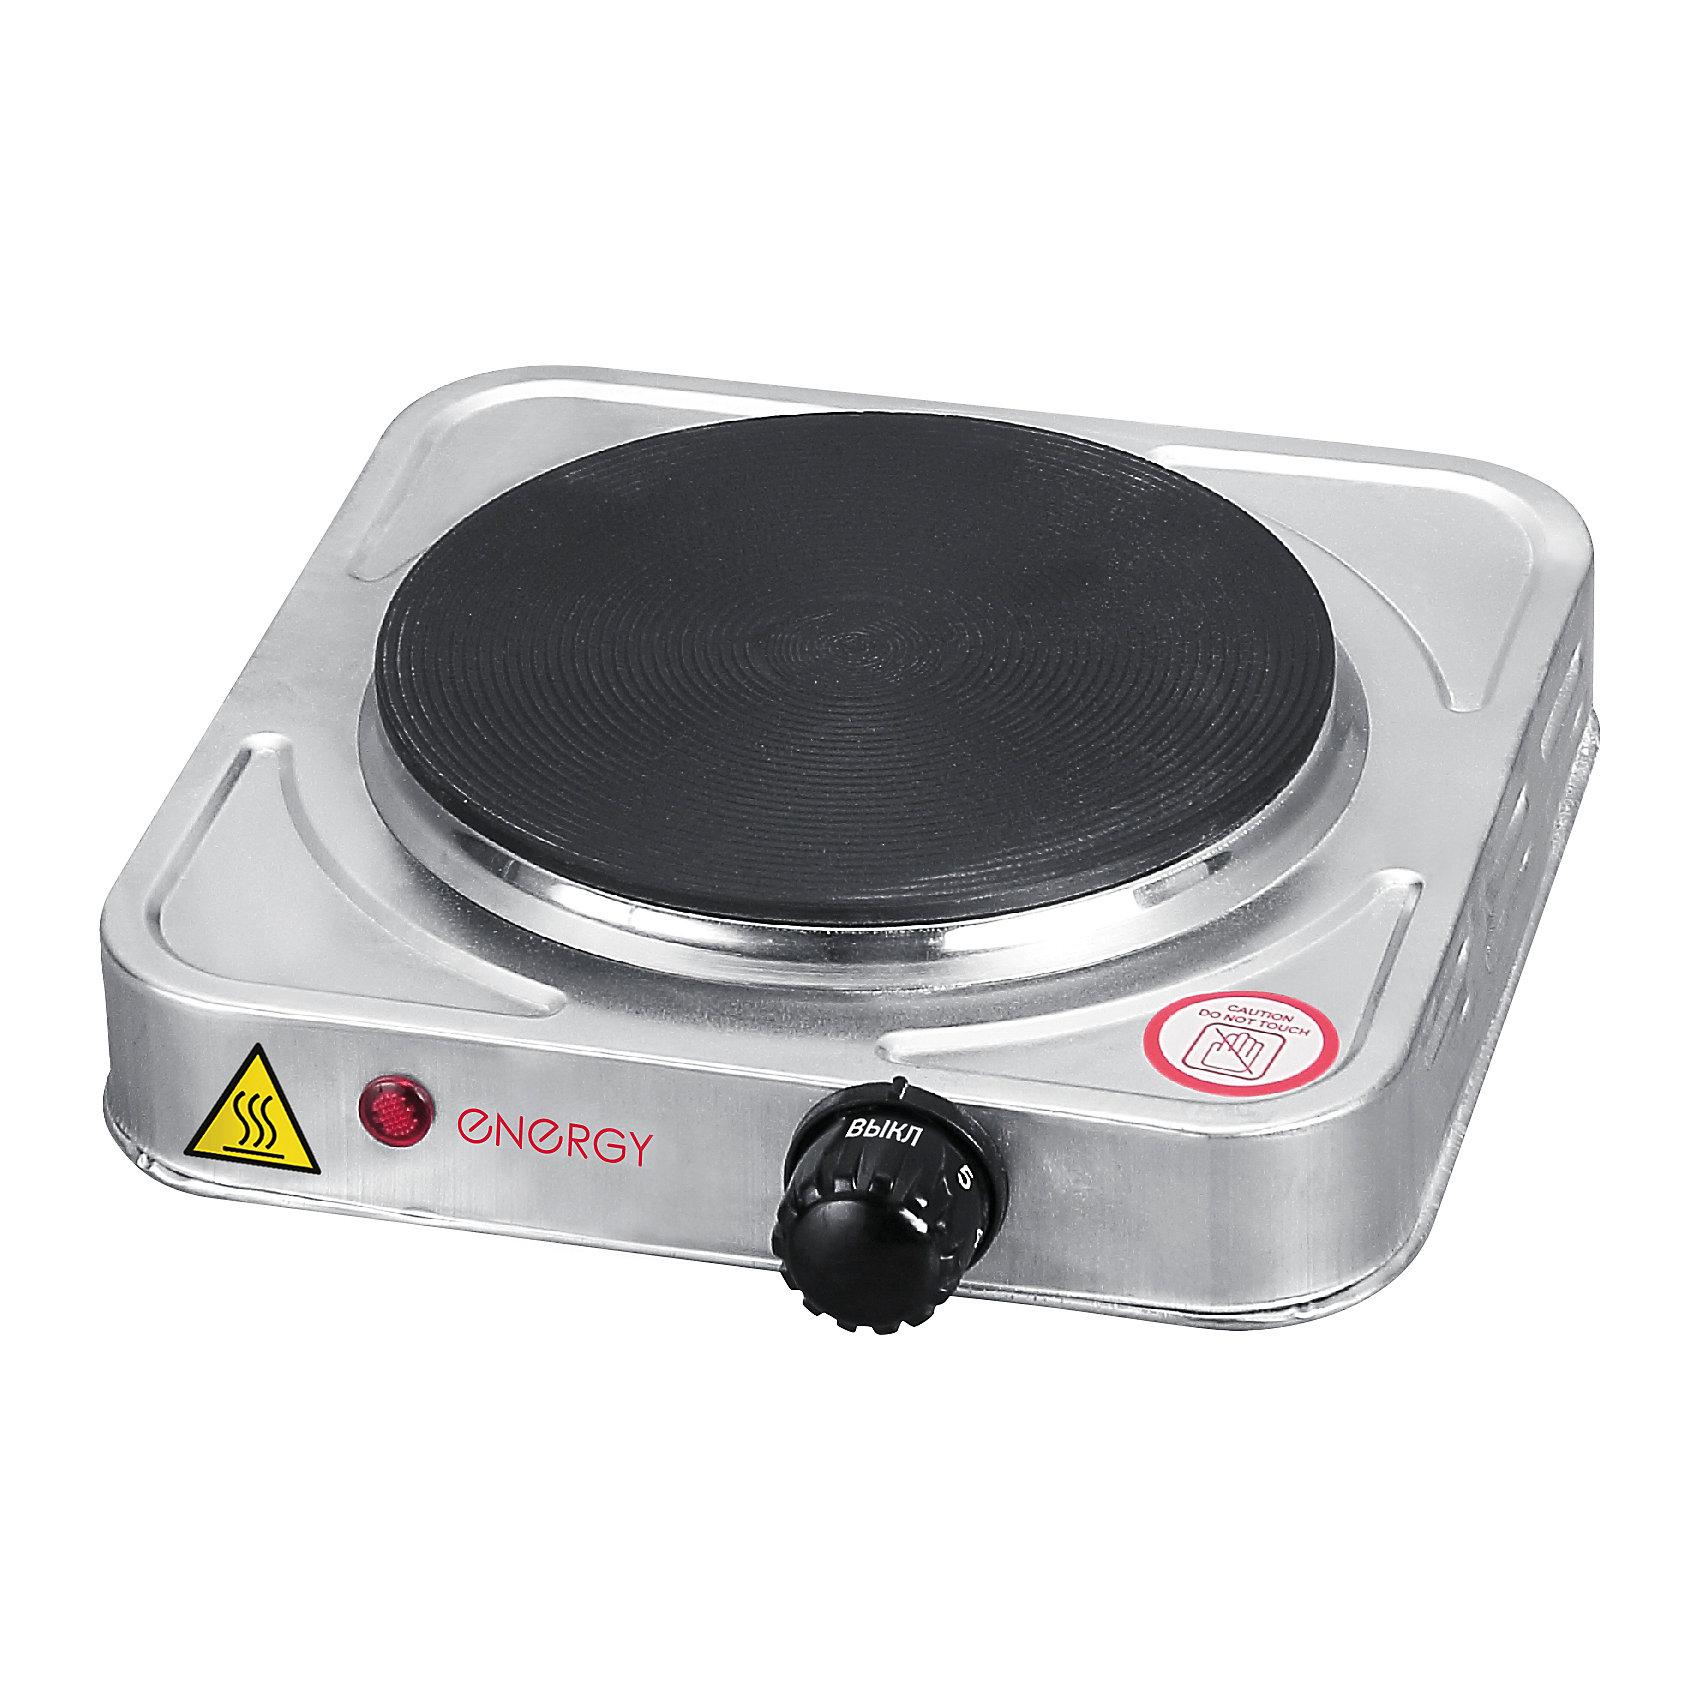 Электроплитка EN-906S, ENERGY, чугун, нержавеющая стальБытовая техника для кухни<br>Электроплитка ENERGY (Энерджи) EN-906S, чугун, нержавеющая сталь<br><br>Характеристики:<br><br>• конфорка из чугуна<br>• световой индикатор<br>• защита от перегрева<br>• корпус из нержавеющей стали<br>• размер конфорки: 15,5 см<br>• материал: металл, пластик<br>• мощность: 1000 Вт<br><br>Электрическая плитка EN-906S очень компактна и удобна в применении. Конфорка изготовлена из чугуна, а корпус из нержавеющей стали. Электроплитка быстро нагревается, имеет защиту от перегрева и световой индикатор работы. Размер конфорки - 15,5 см. Мощность - 1000Вт.<br><br>Электроплитку EN-906S, ENERGY (Энерджи), чугун, нержавеющая сталь вы можете купить в нашем интернет-магазине.<br><br>Ширина мм: 230<br>Глубина мм: 270<br>Высота мм: 80<br>Вес г: 1388<br>Возраст от месяцев: 216<br>Возраст до месяцев: 1188<br>Пол: Унисекс<br>Возраст: Детский<br>SKU: 5454041